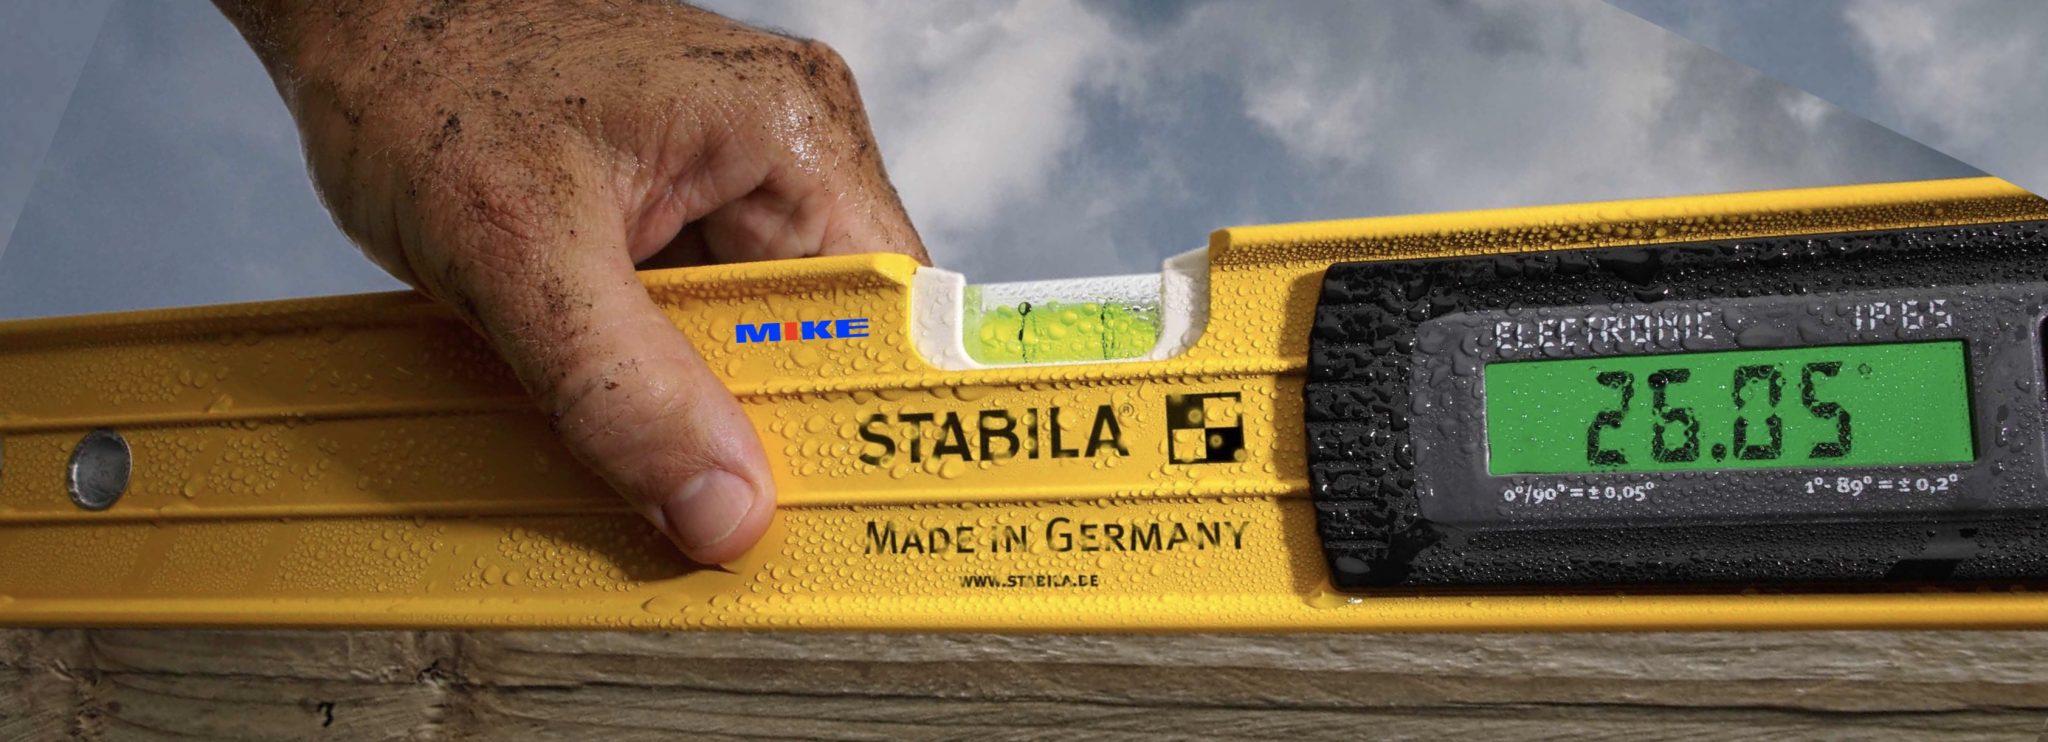 Thước thủy nivo điện tử Stabila Germany.